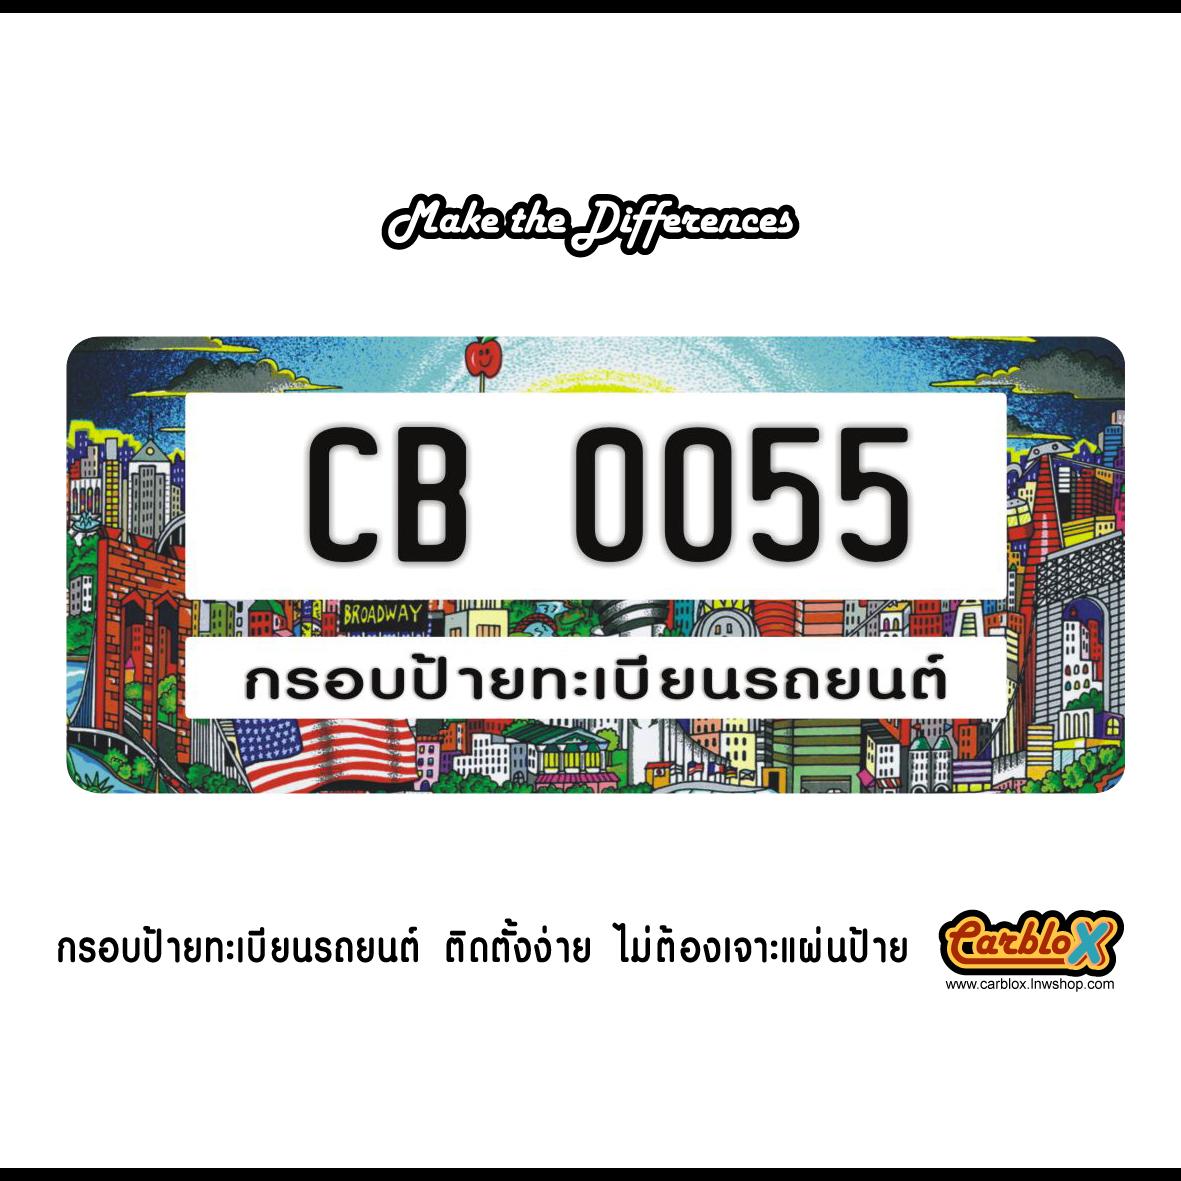 กรอบป้ายทะเบียนรถยนต์ CARBLOX ระหัส CB 0055 ลายลายแนวๆฮิ๊ป